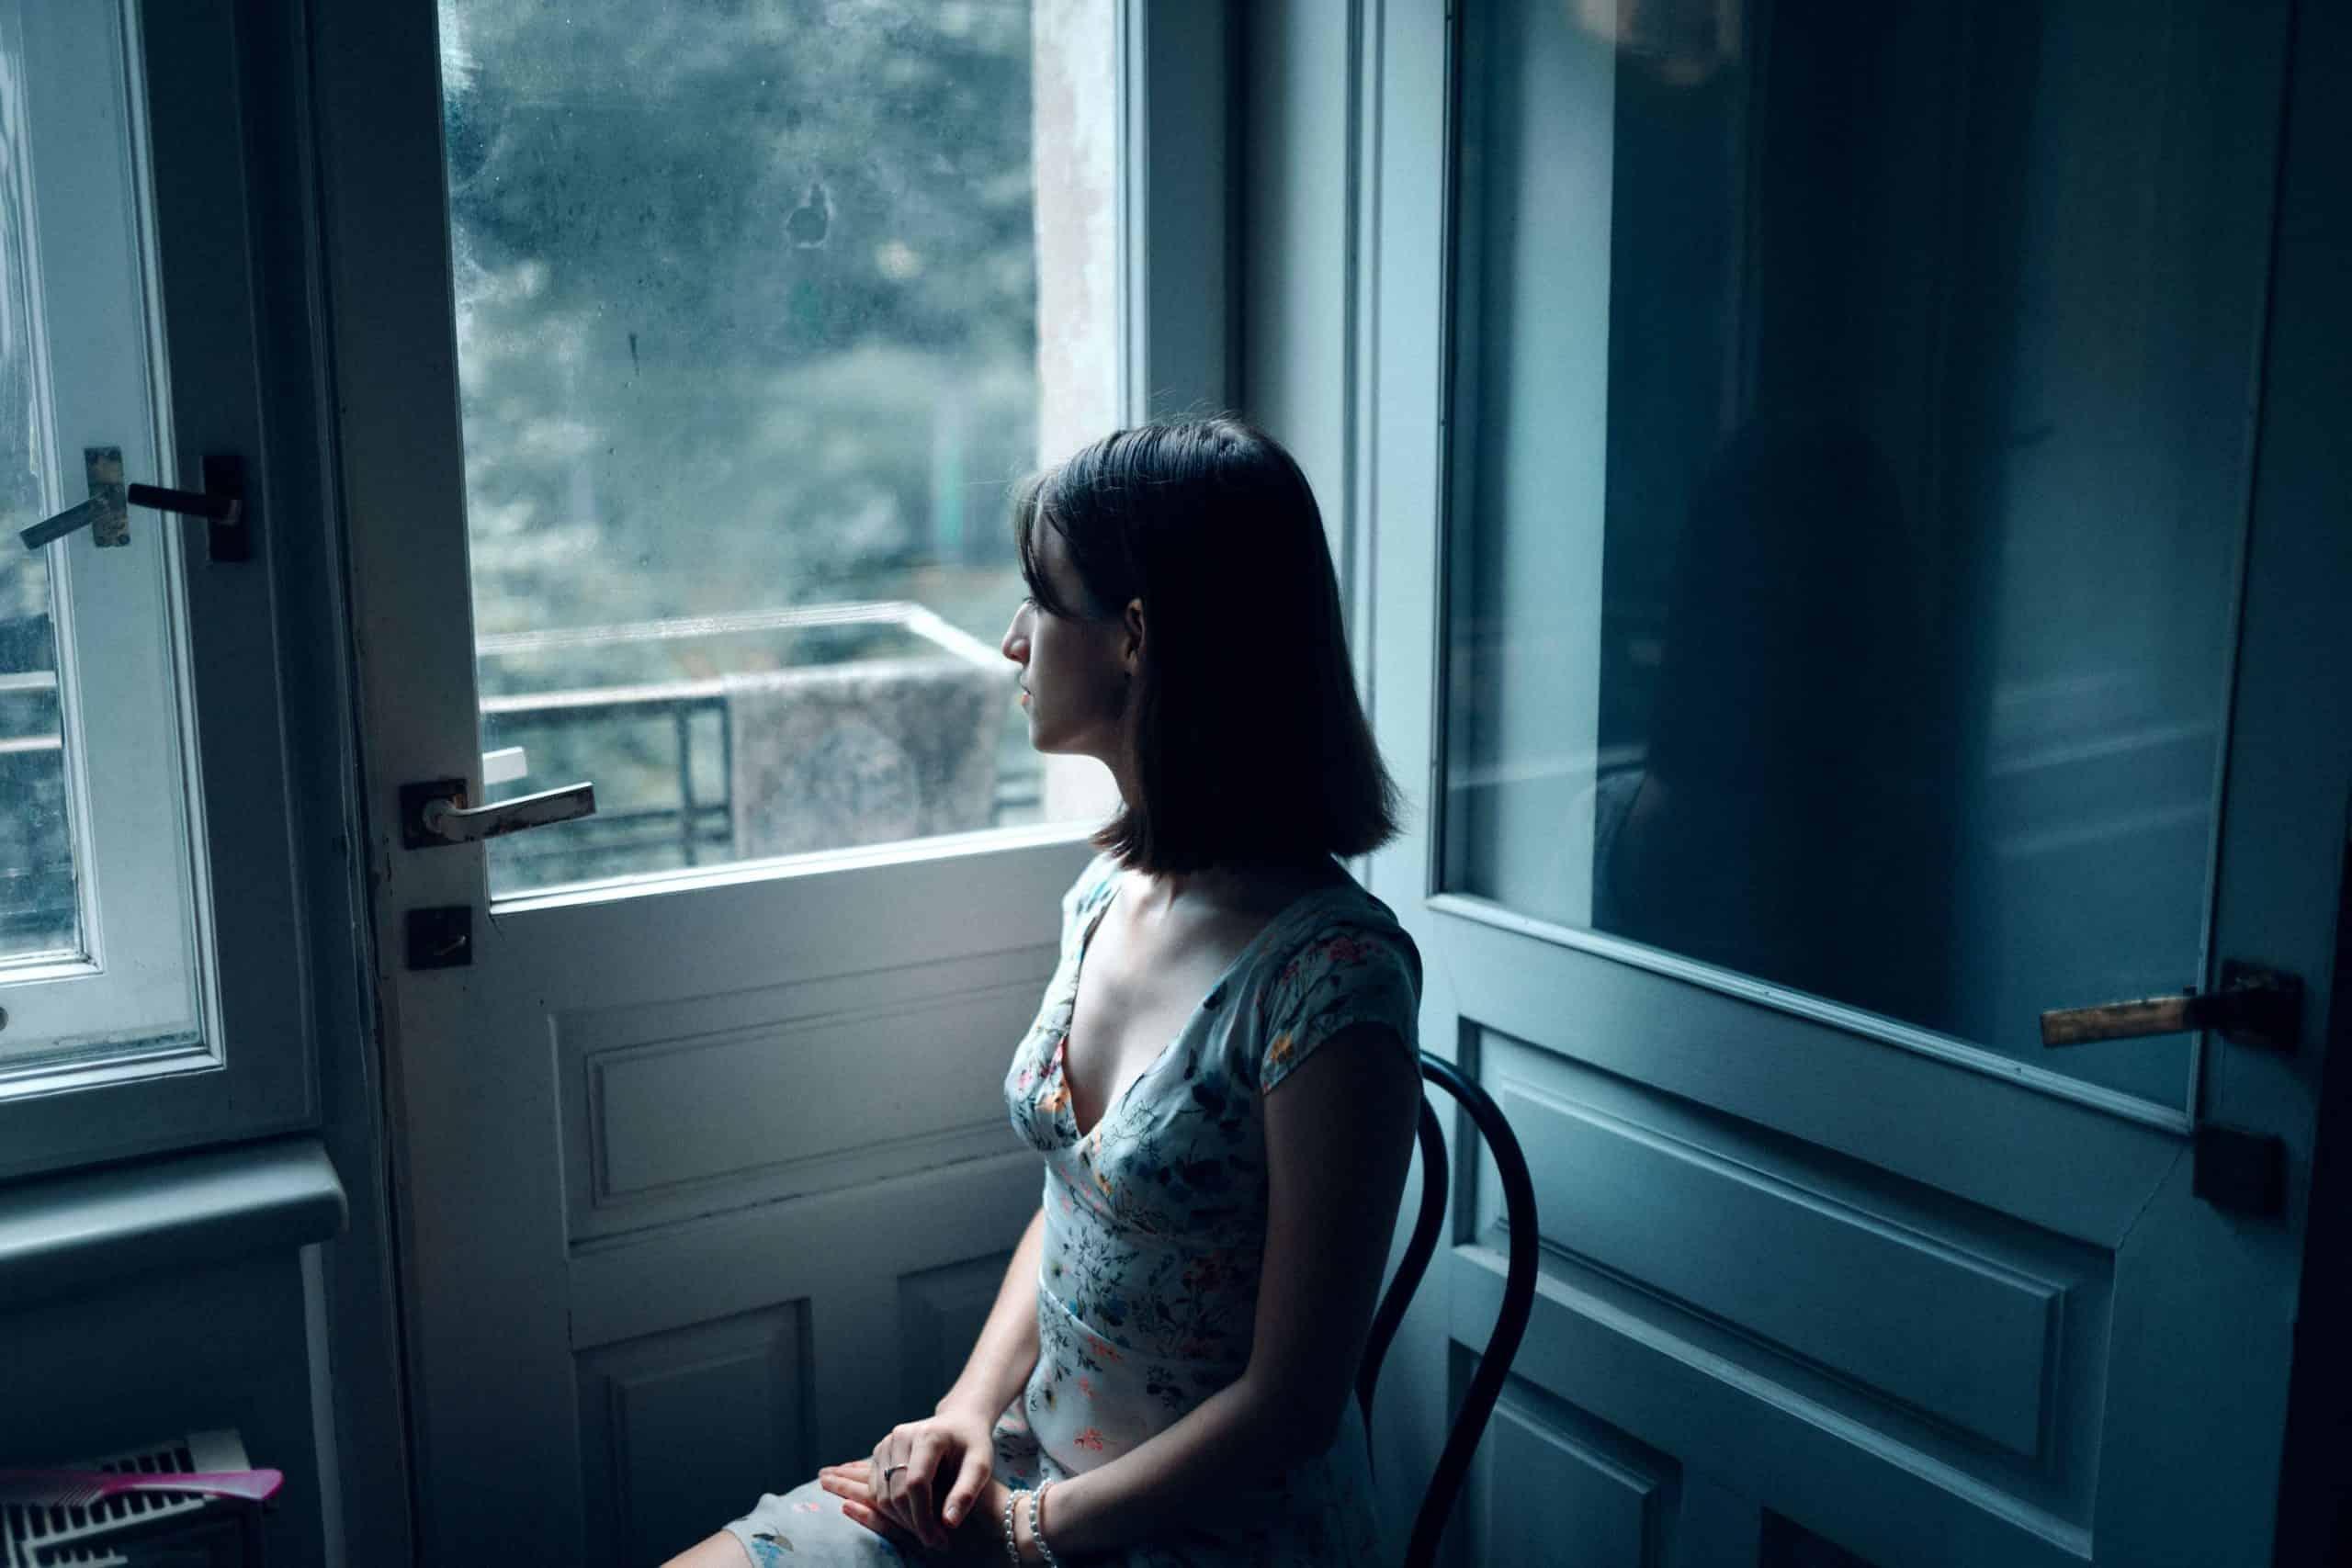 solidão-isolamento-social